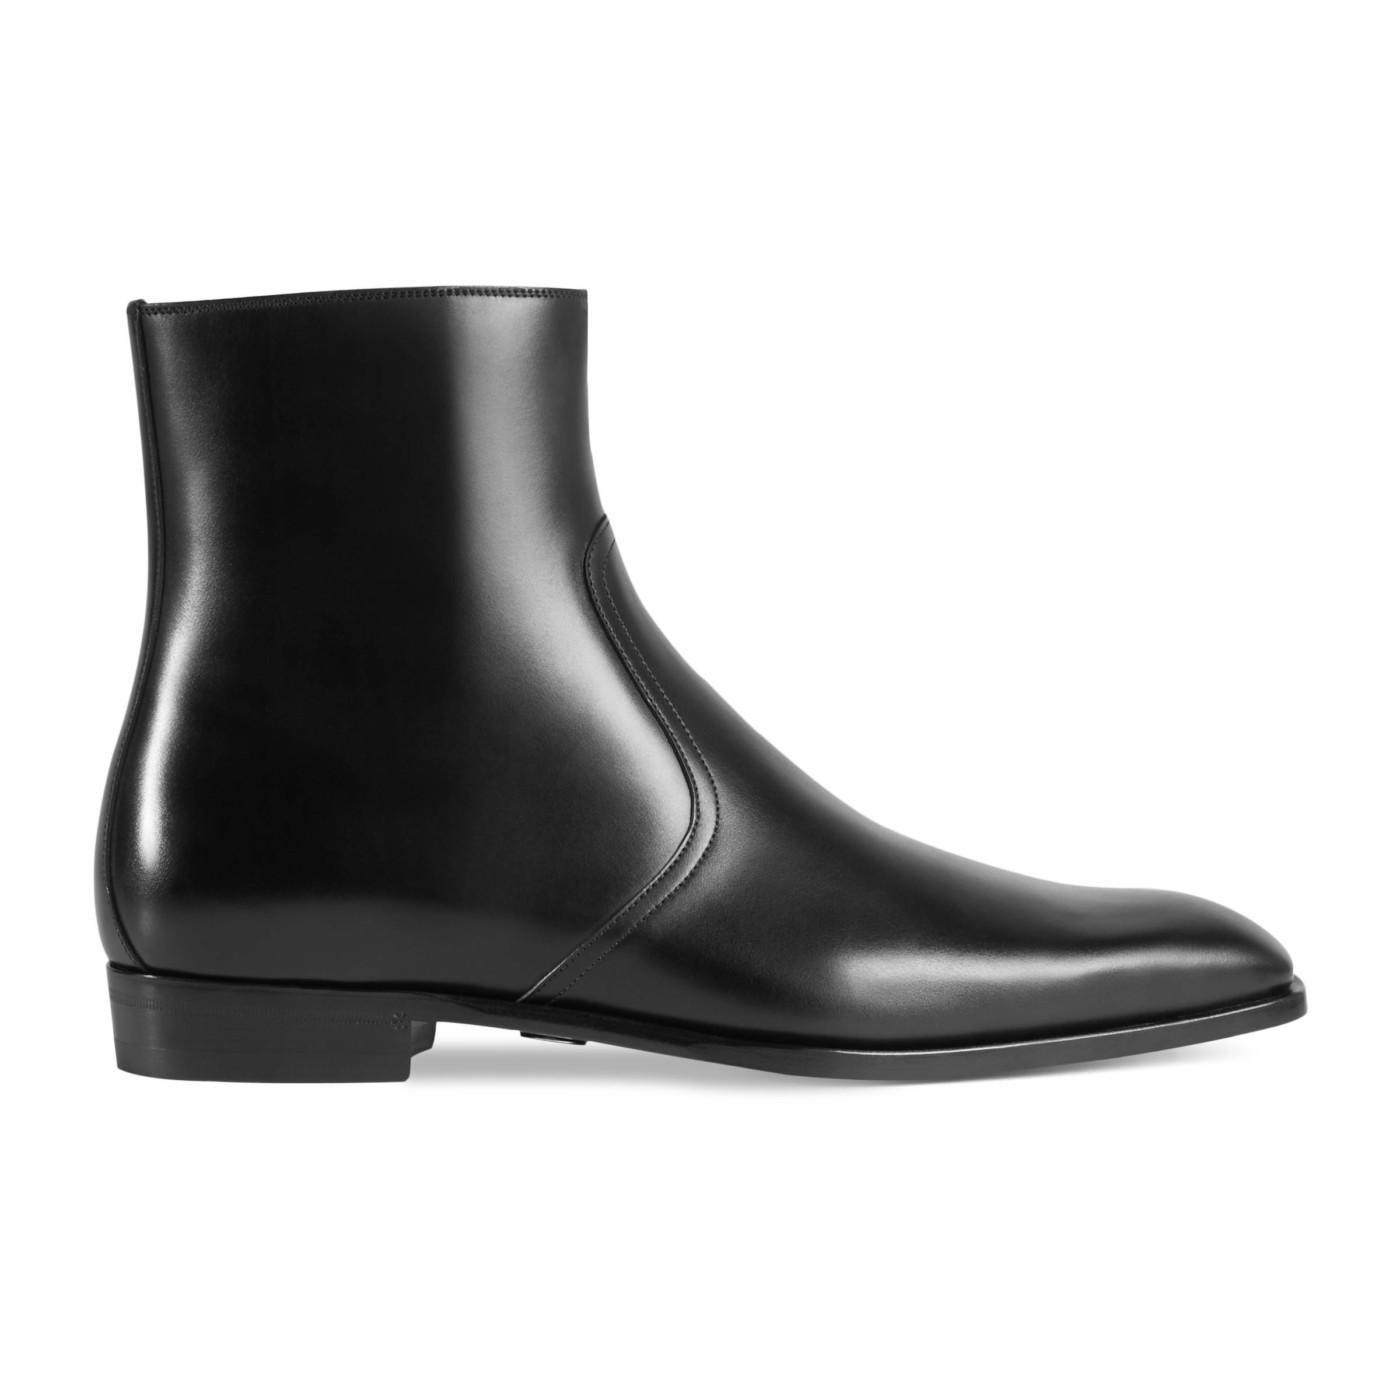 e04e04c69bd Gucci Men's Black Leather Zip Up GG Chelsea Ankle Boots Shoes